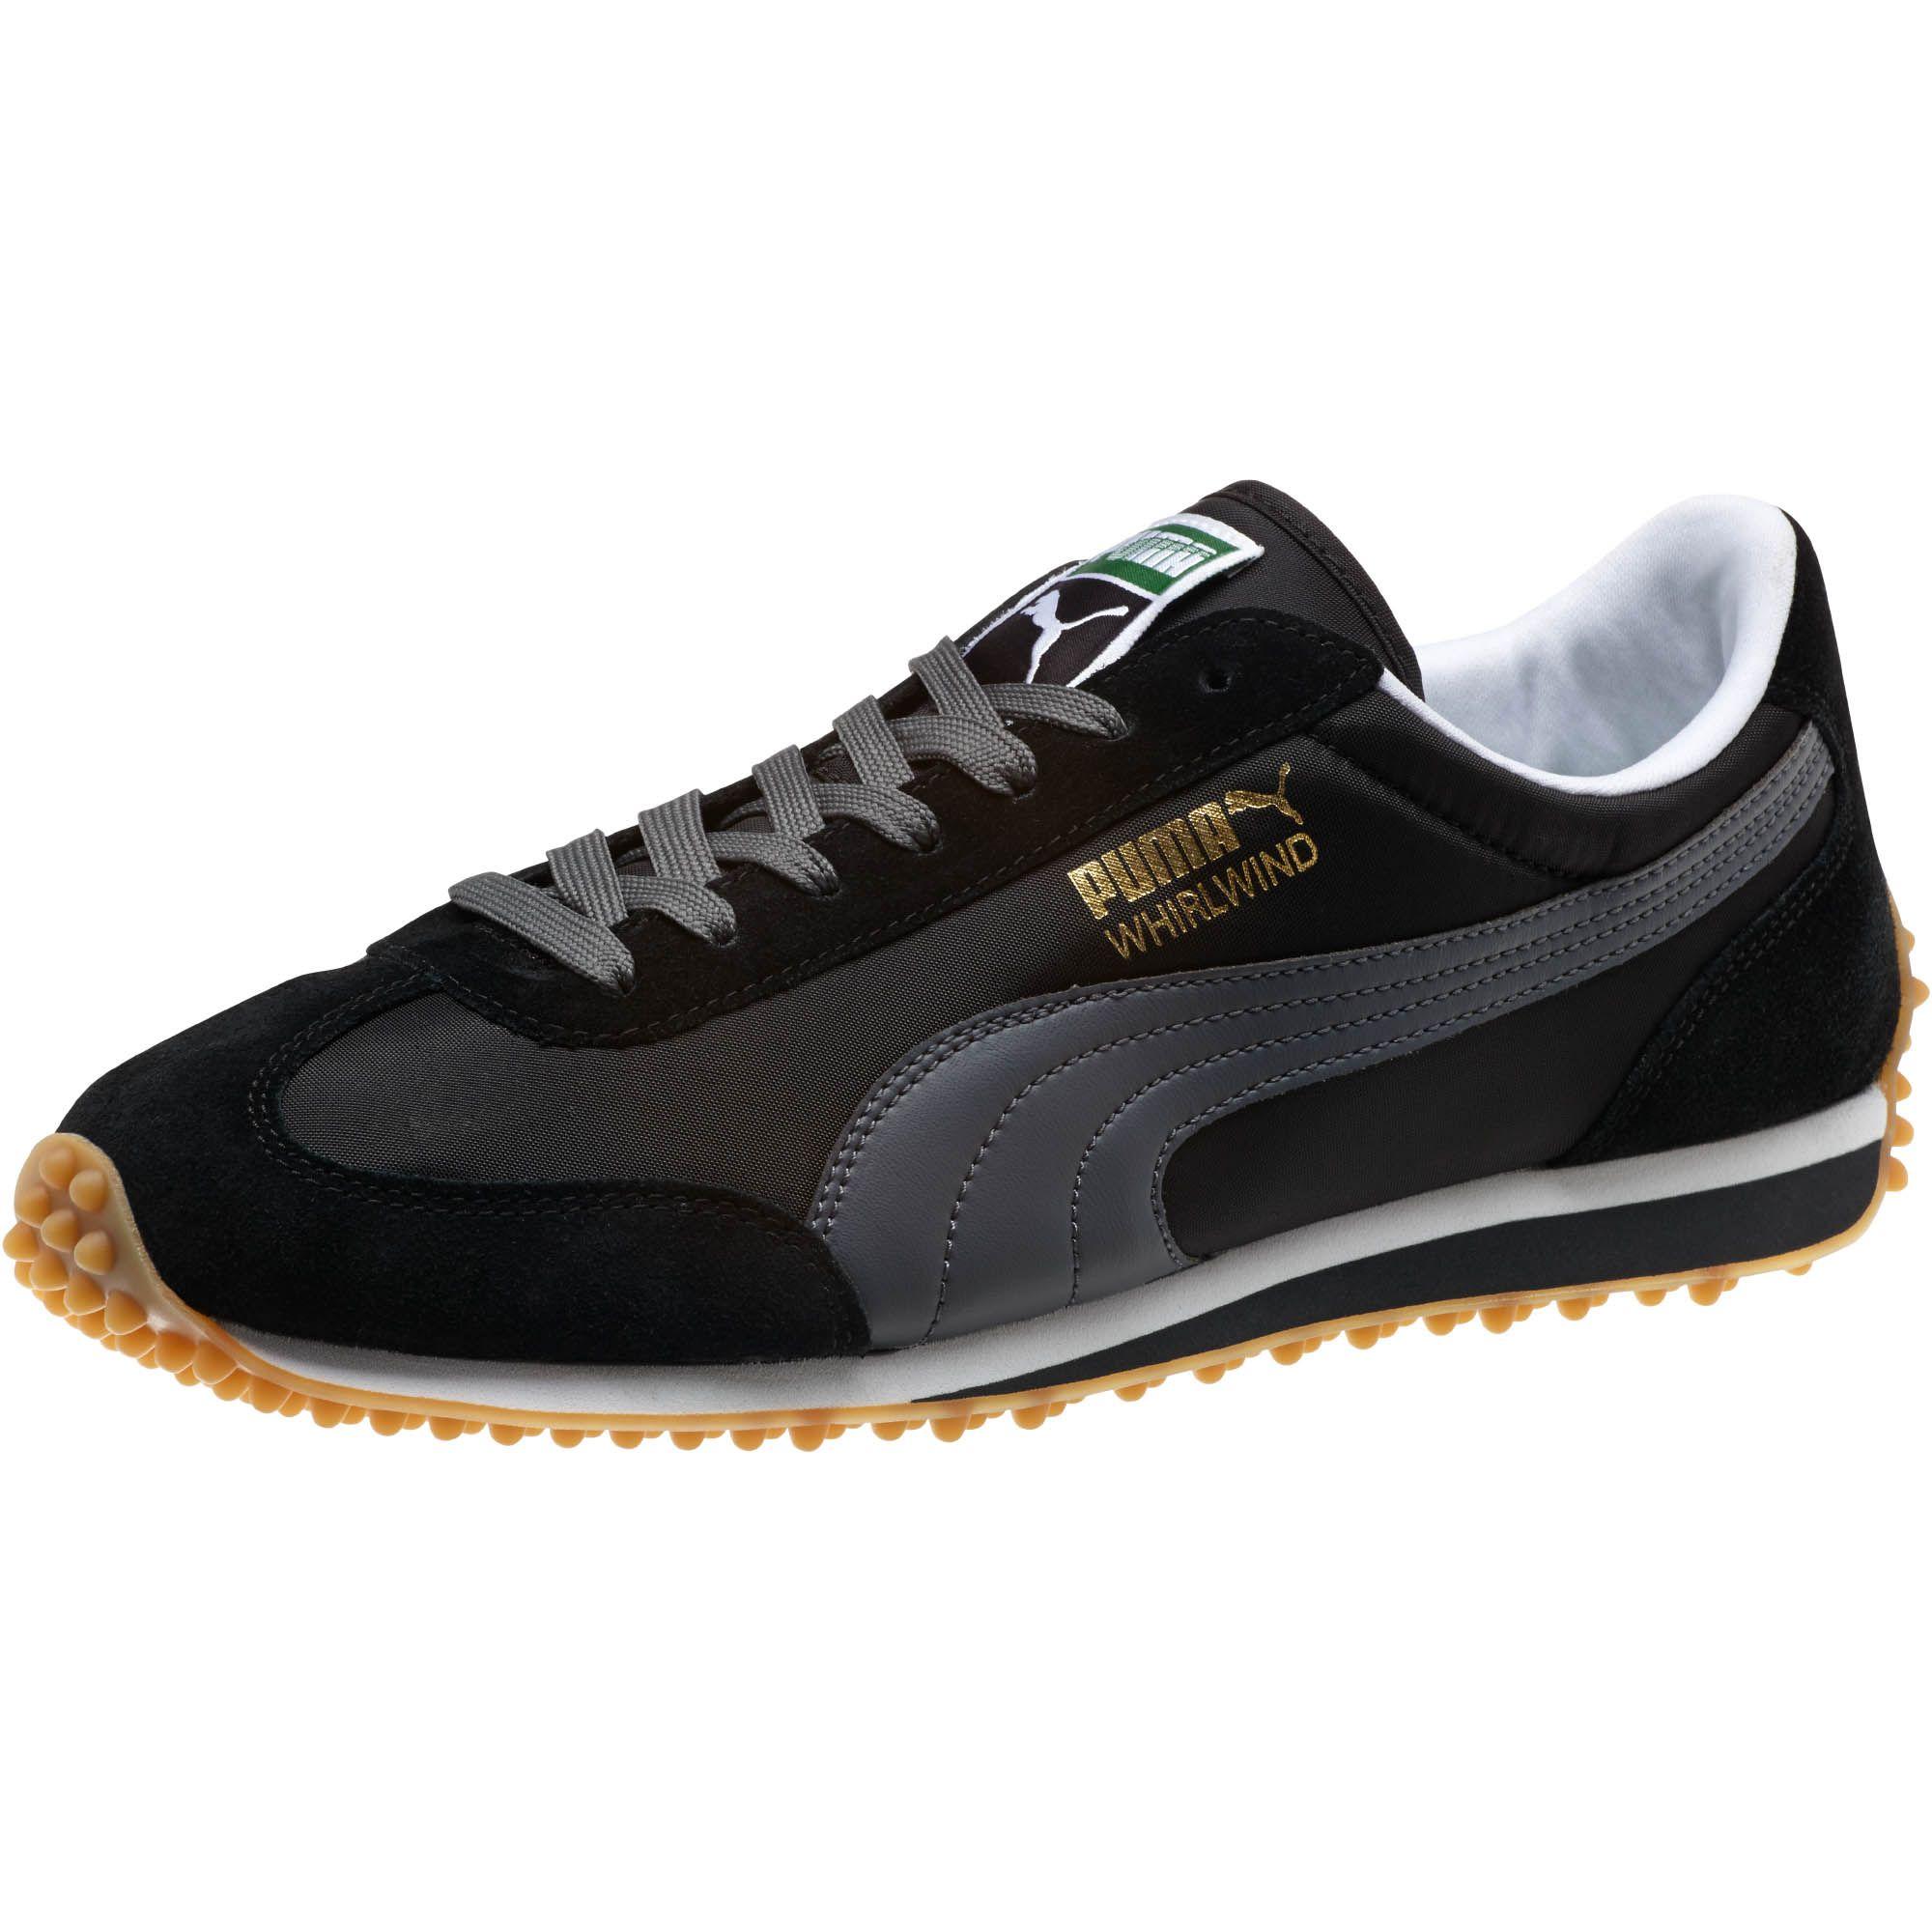 Puma whirlwind puma-whirlwind-classic-men-039-s-sneakers FZKVFRH